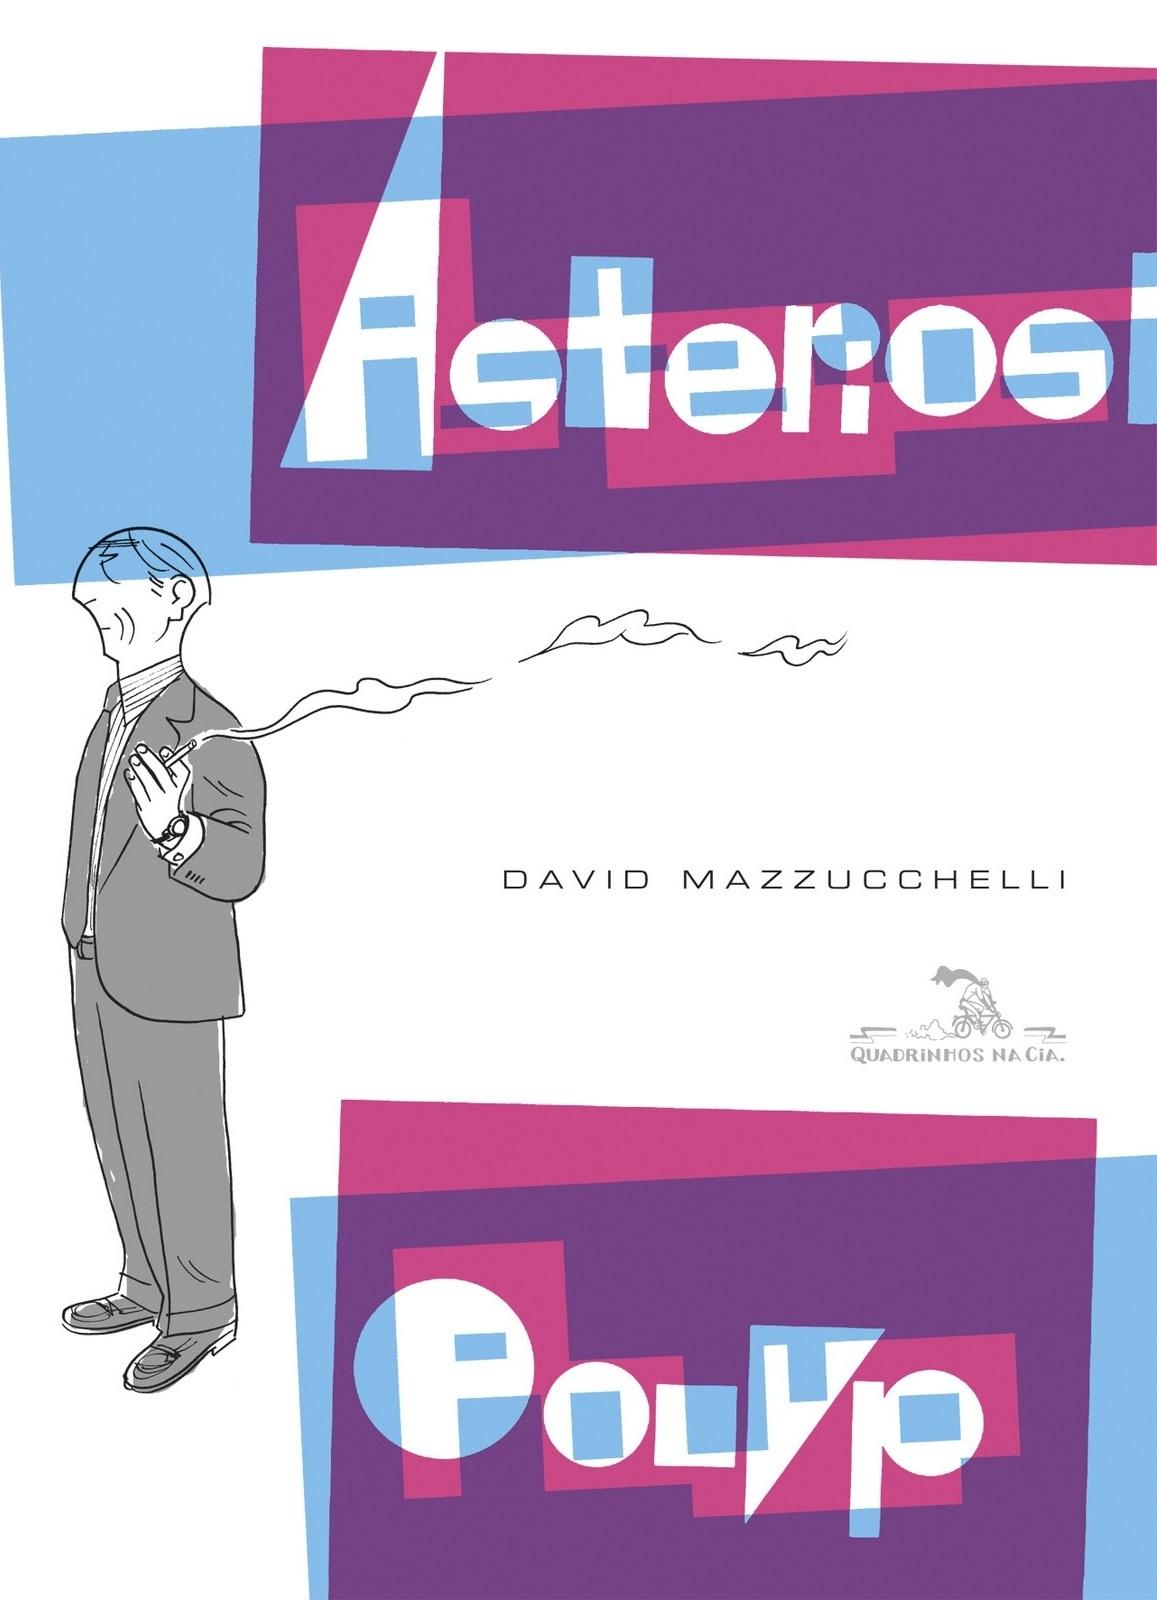 """Clássico dos quadrinhos modernos, Mazzucchelli alcançou a excelência em """"Asterios Polyp"""""""